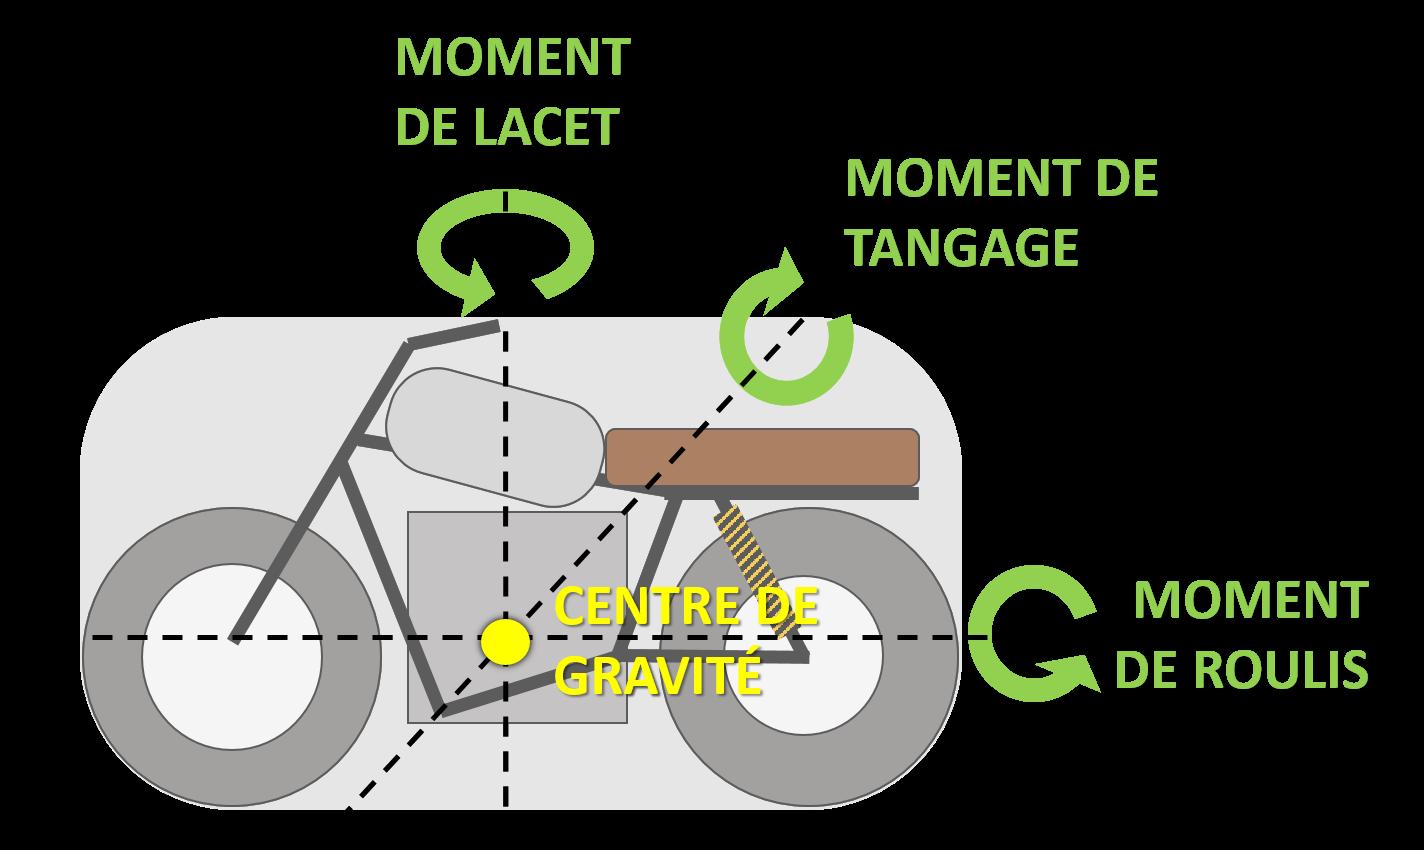 schema aerodynamique moment de lacet moment de tangage moment de roulis moto